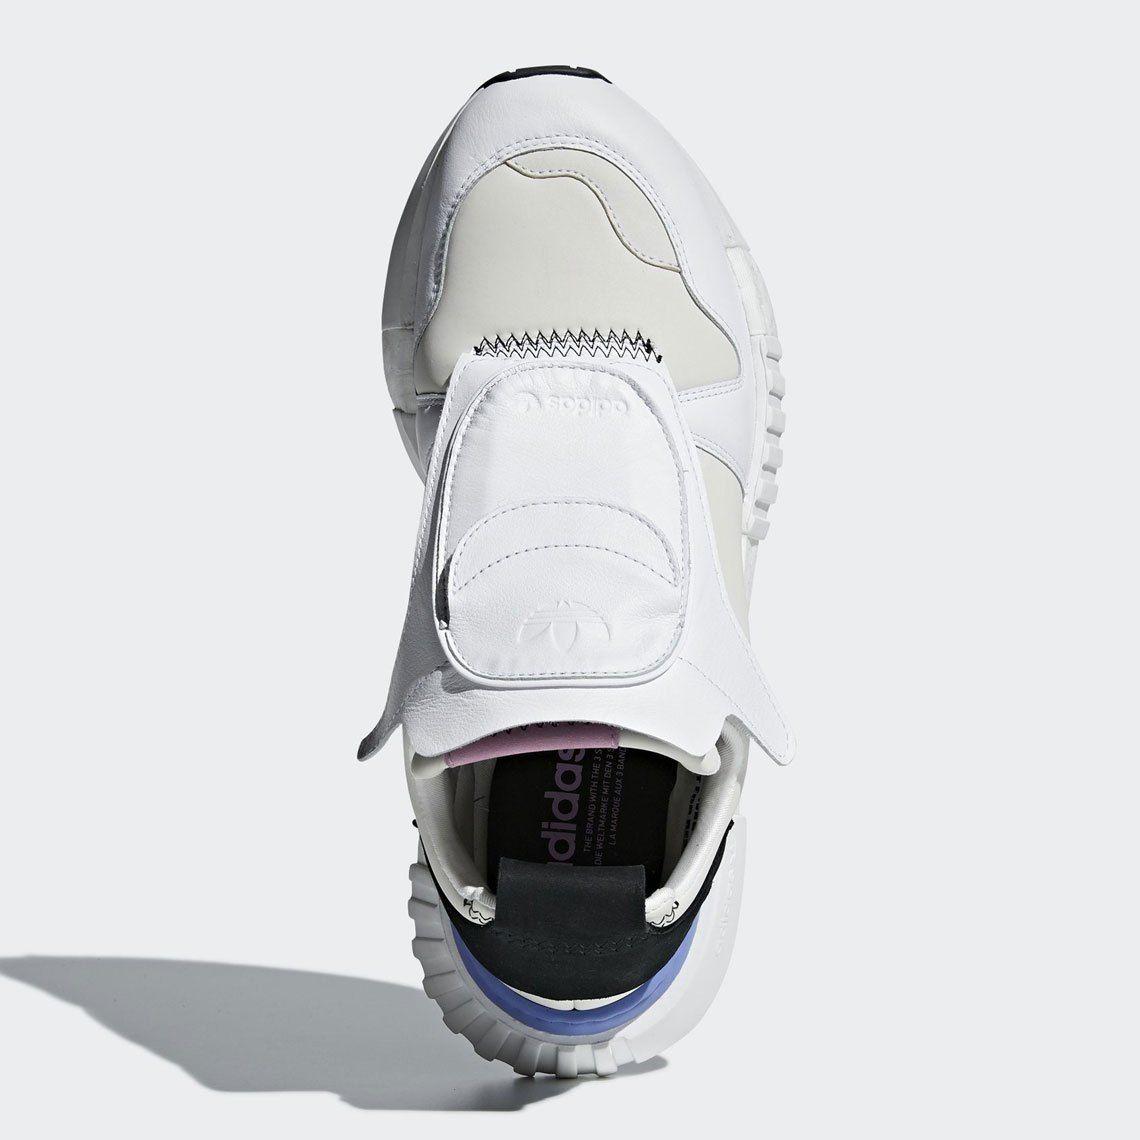 Adidas futurepacer aq0907 informazioni di rilascio delle calzature pinterest